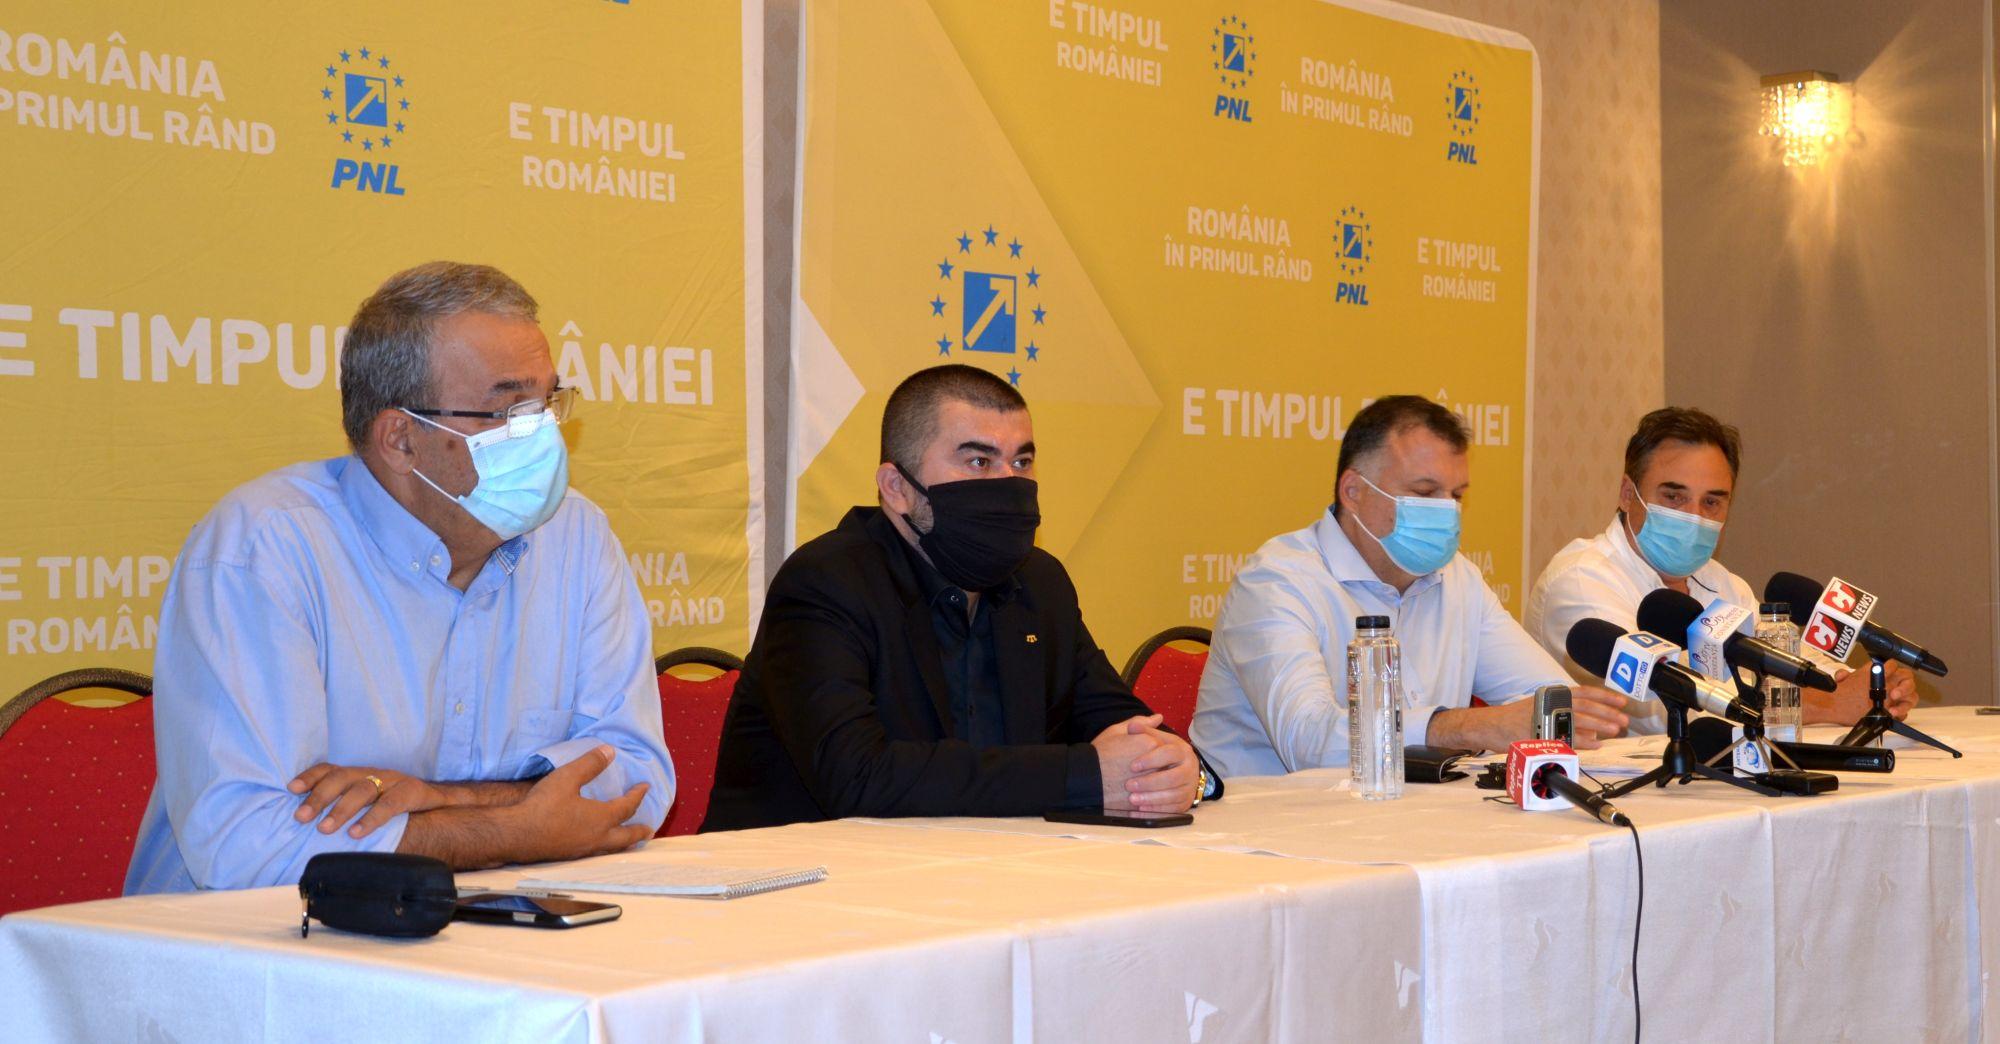 Vergil Chițac, Gelil Eserghep, Bogdan Huțucă și Mihai Lupu în timpul conferinței de presă UDTTMR PNL